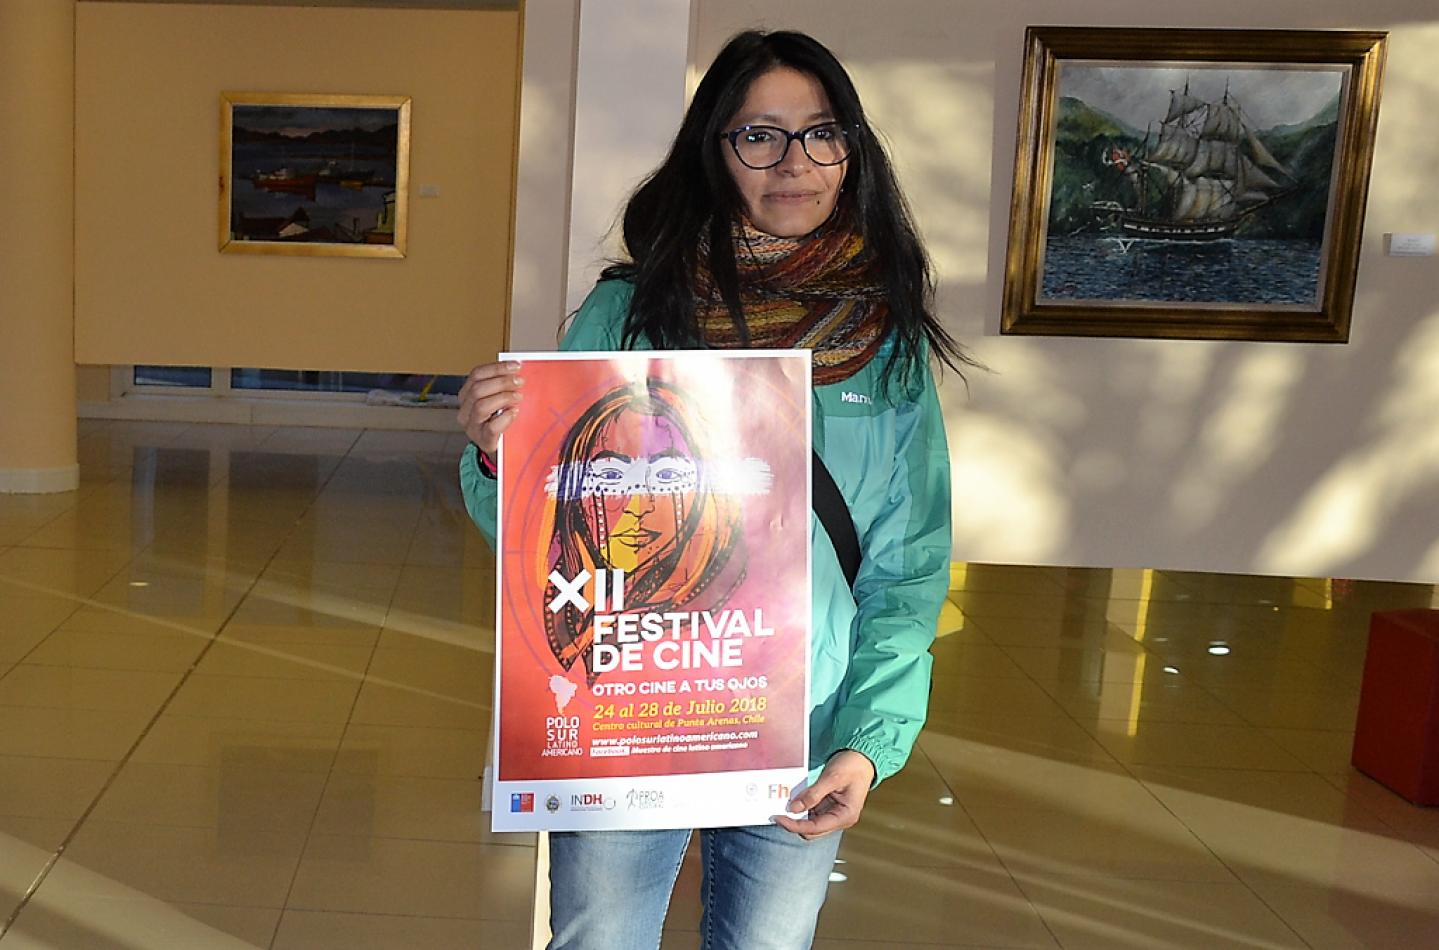 Una de las organizadoras del festival de Cine de Punta Arenas, Caroline Paves Torre Alba, posó para las cámaras de El Sureño.